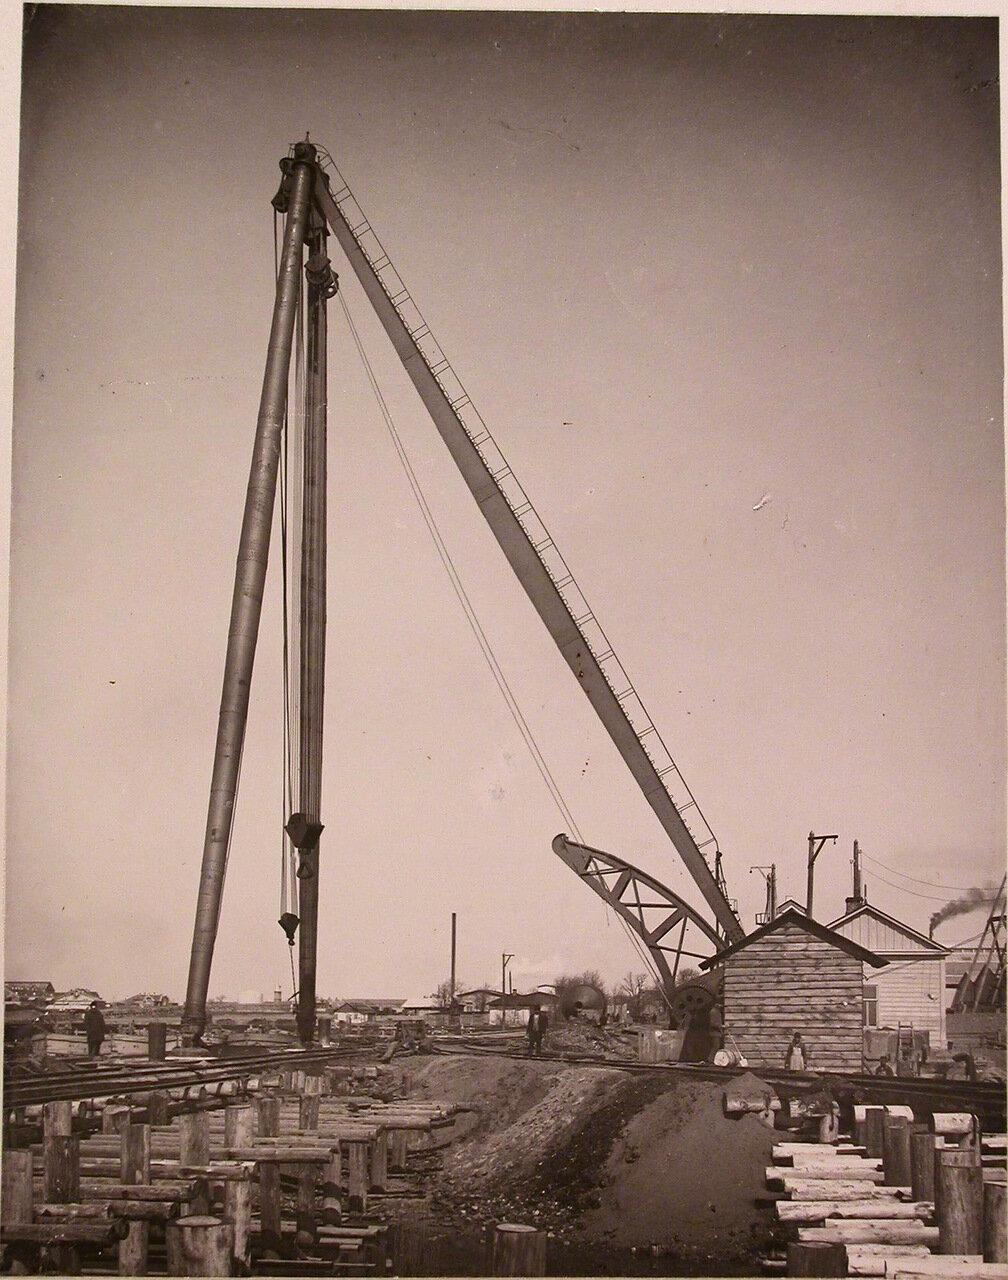 14. Общий вид 80 тонного крана, установленного на территории, где размещались различные производственные комплексы обществ